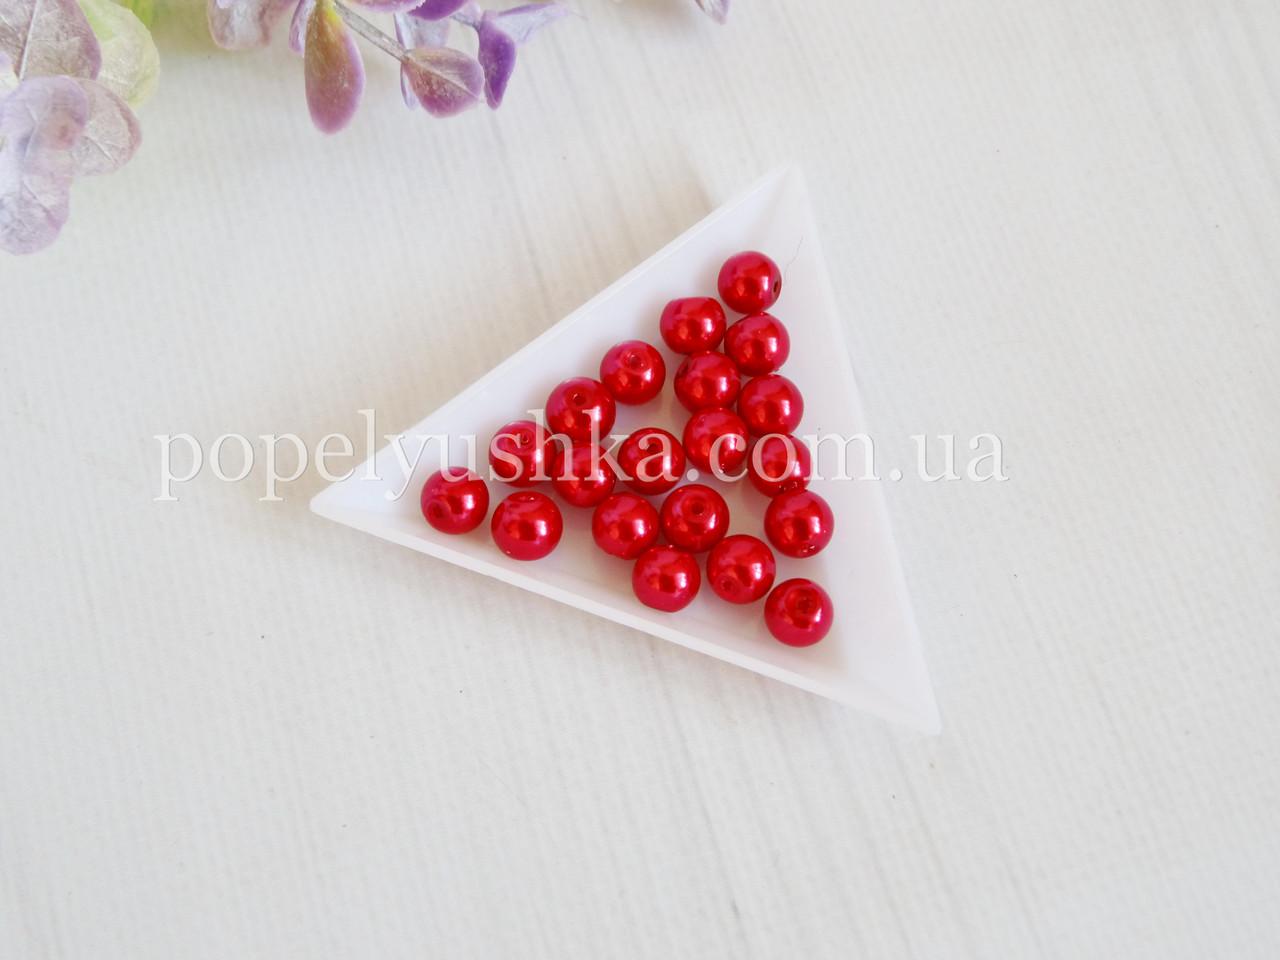 Перлини скляні  4 мм червоні (50 шт.)